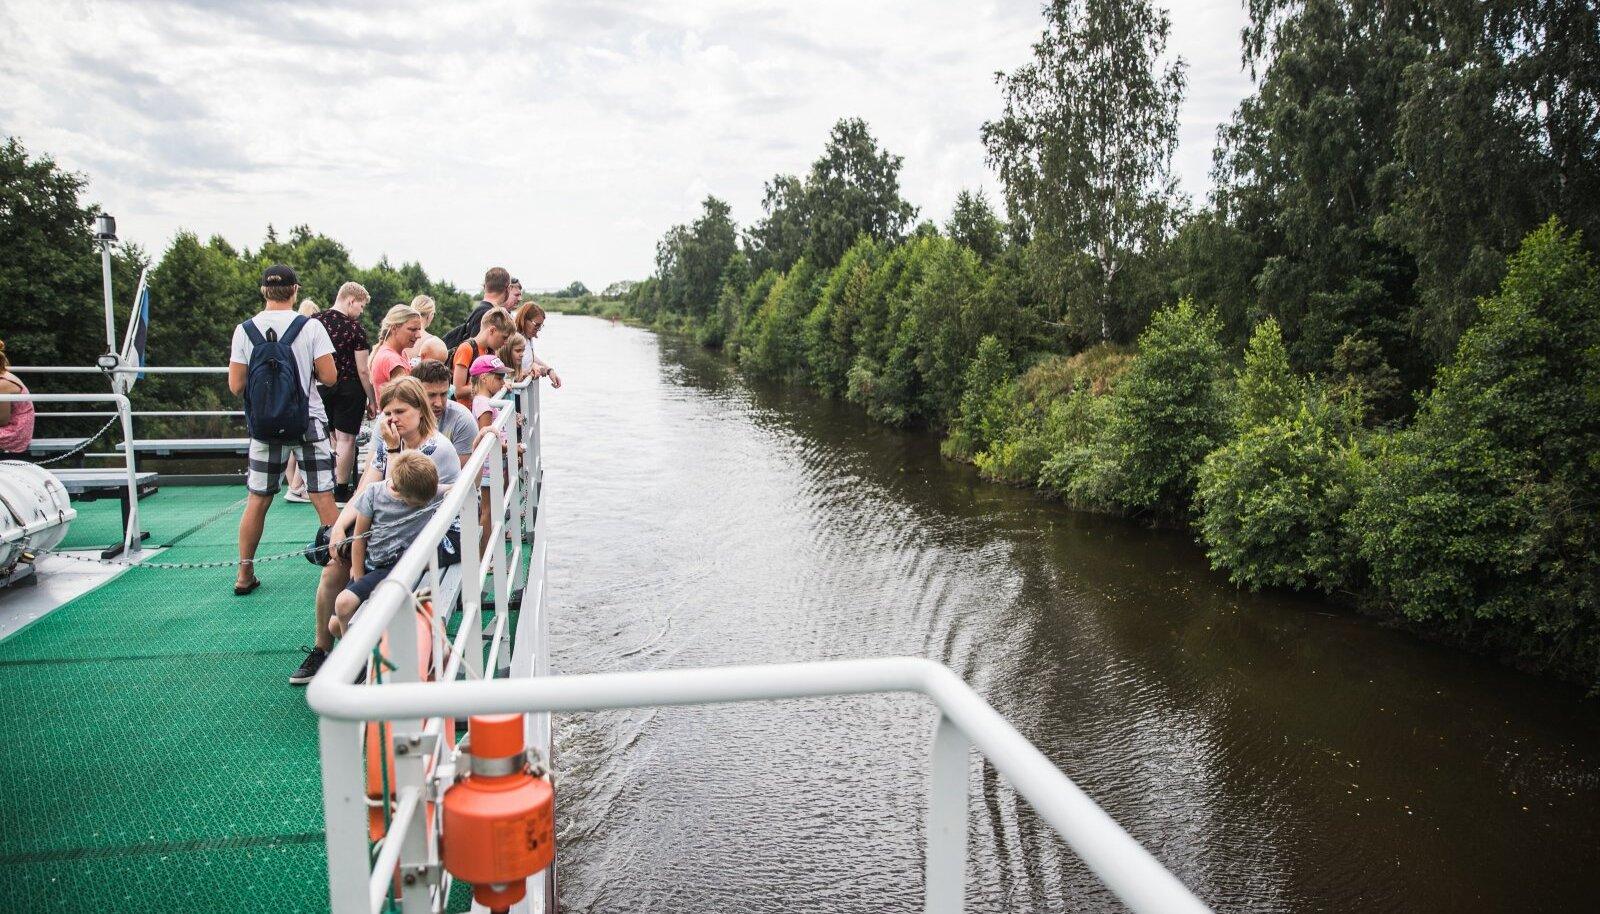 Piirissaare sadamasse saab saarel mööda kanalit.